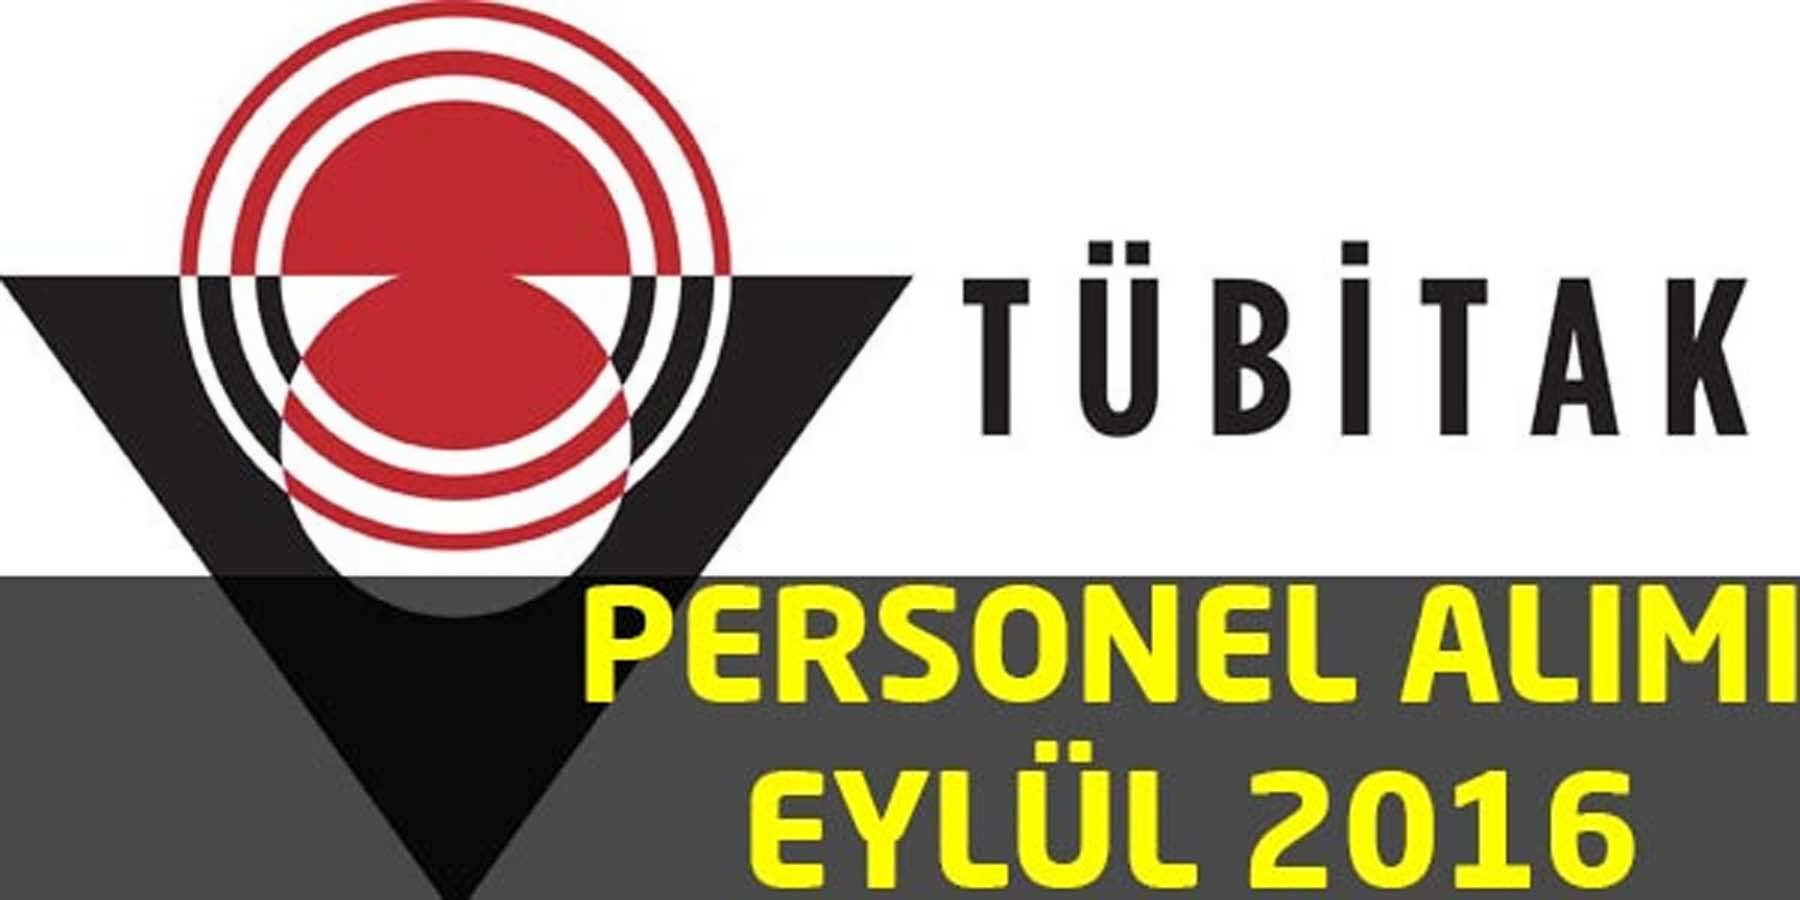 Tübitak Personel Alımı Eylül 2016